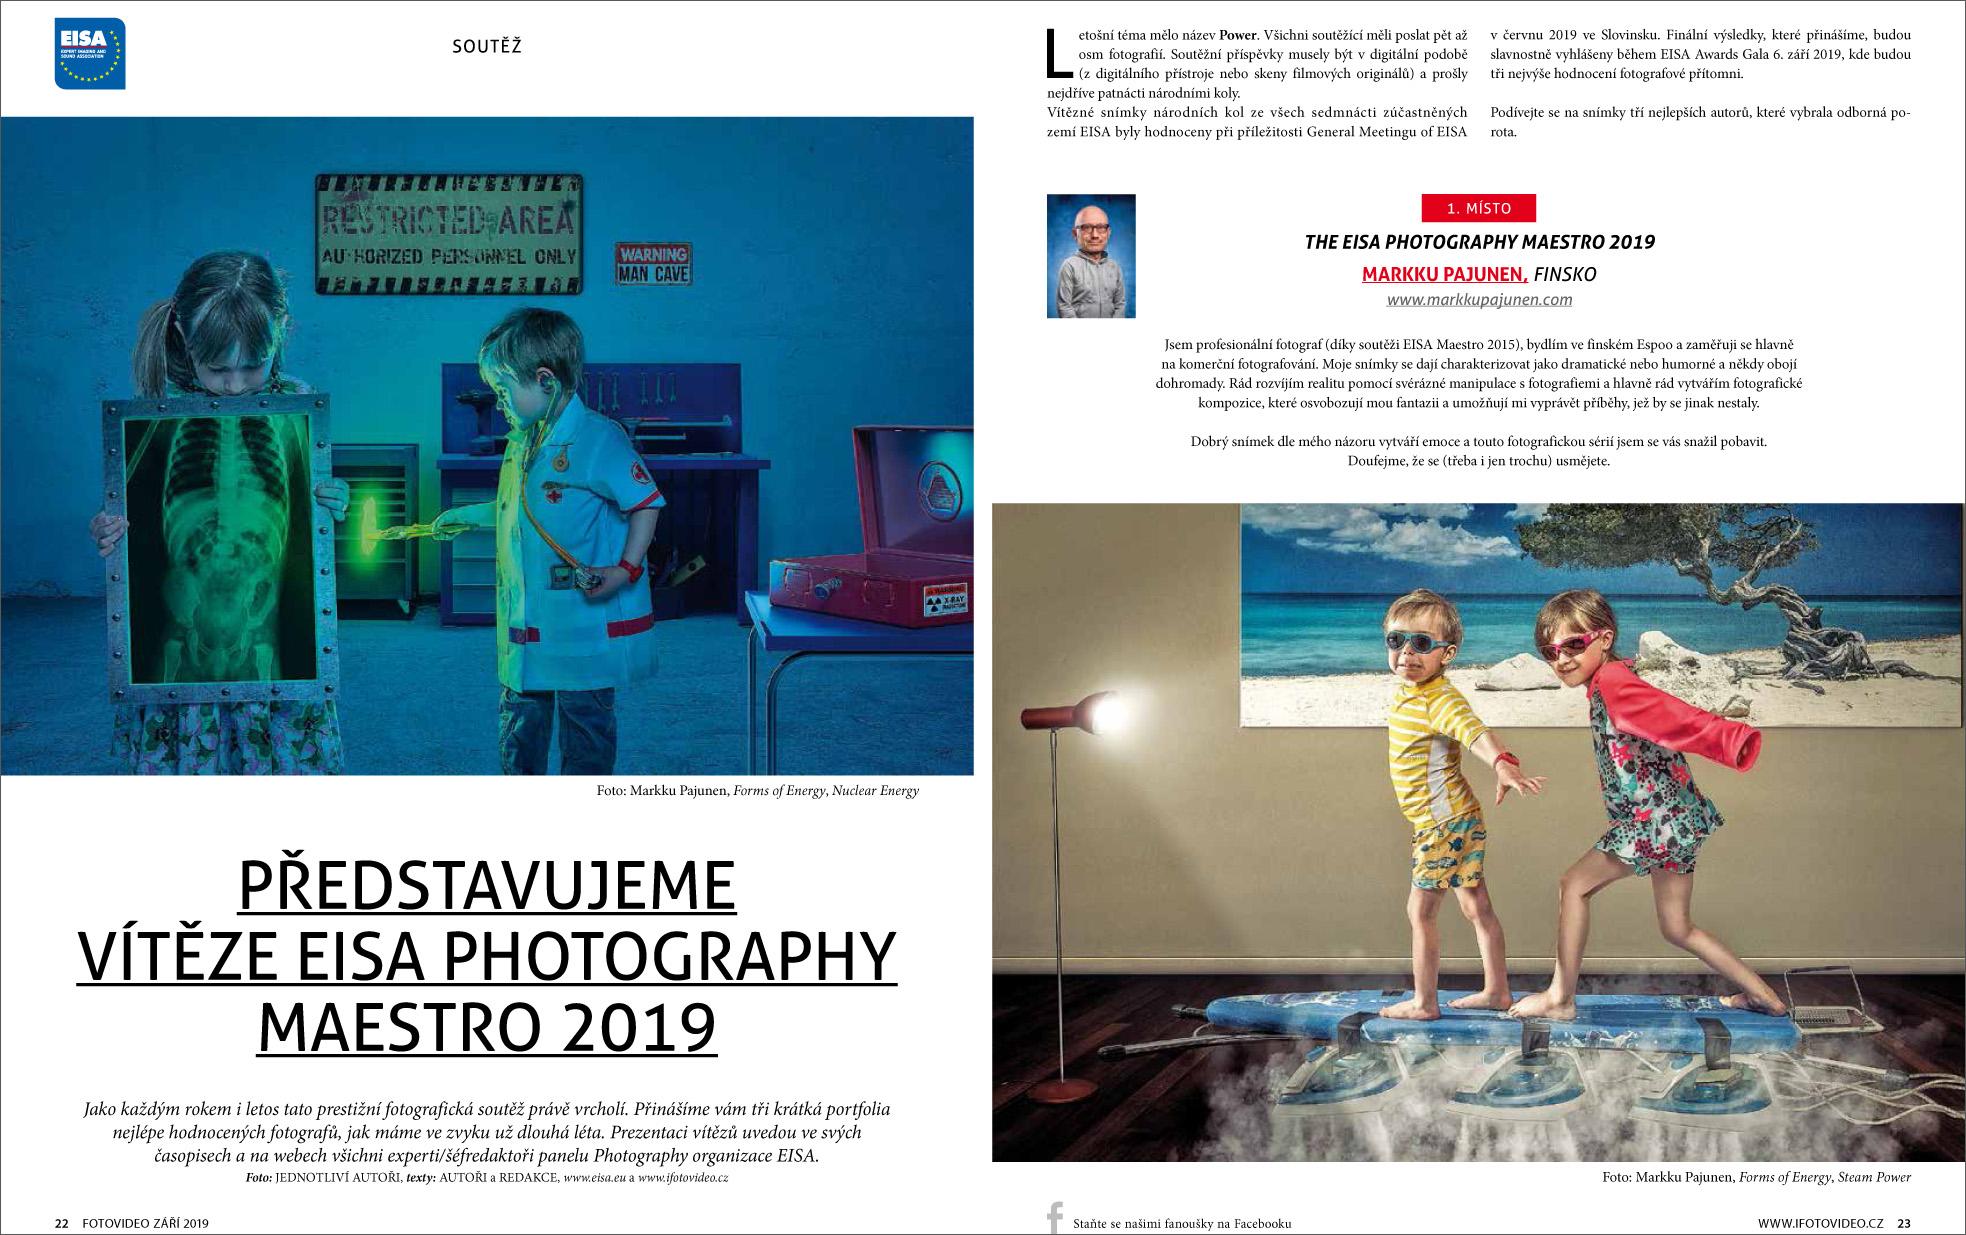 časopis FotoVideo 09/2019